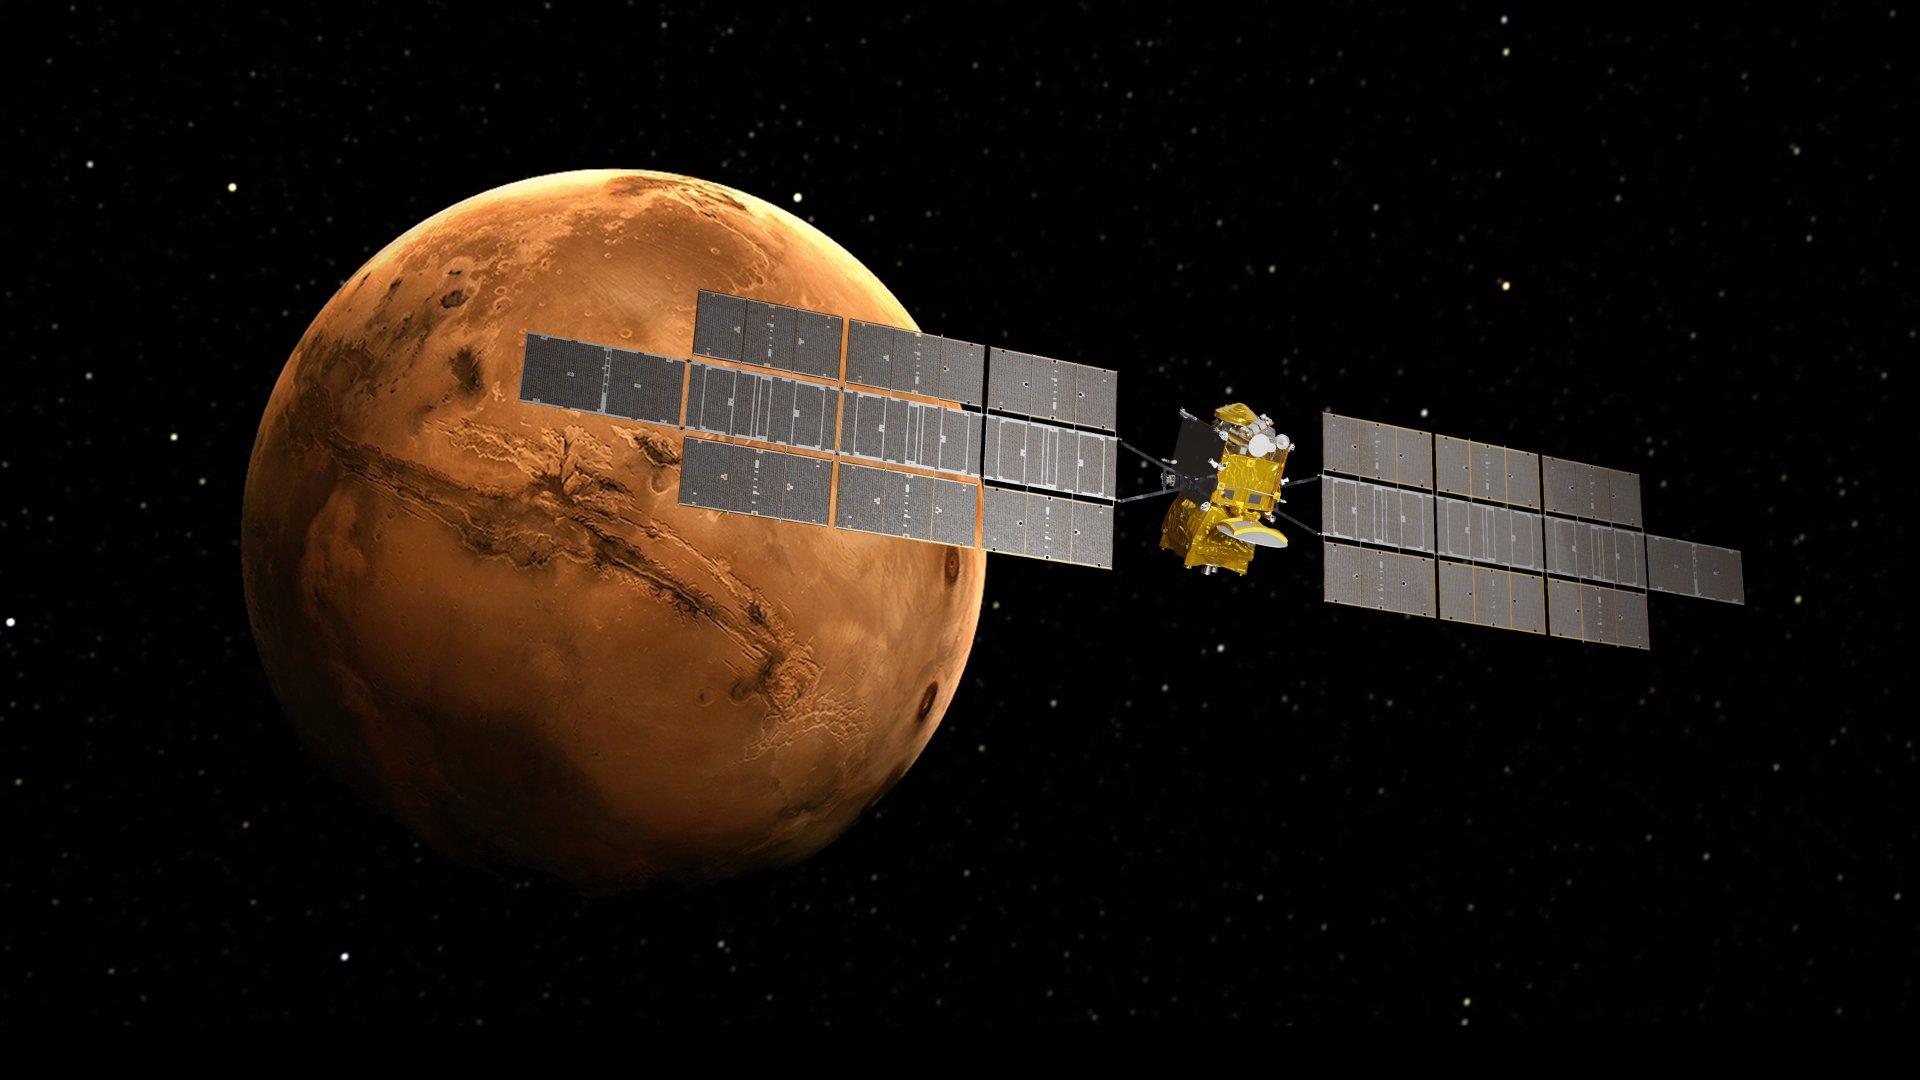 Impresión artística del ERO en órbita alrededor de Marte - Airbus